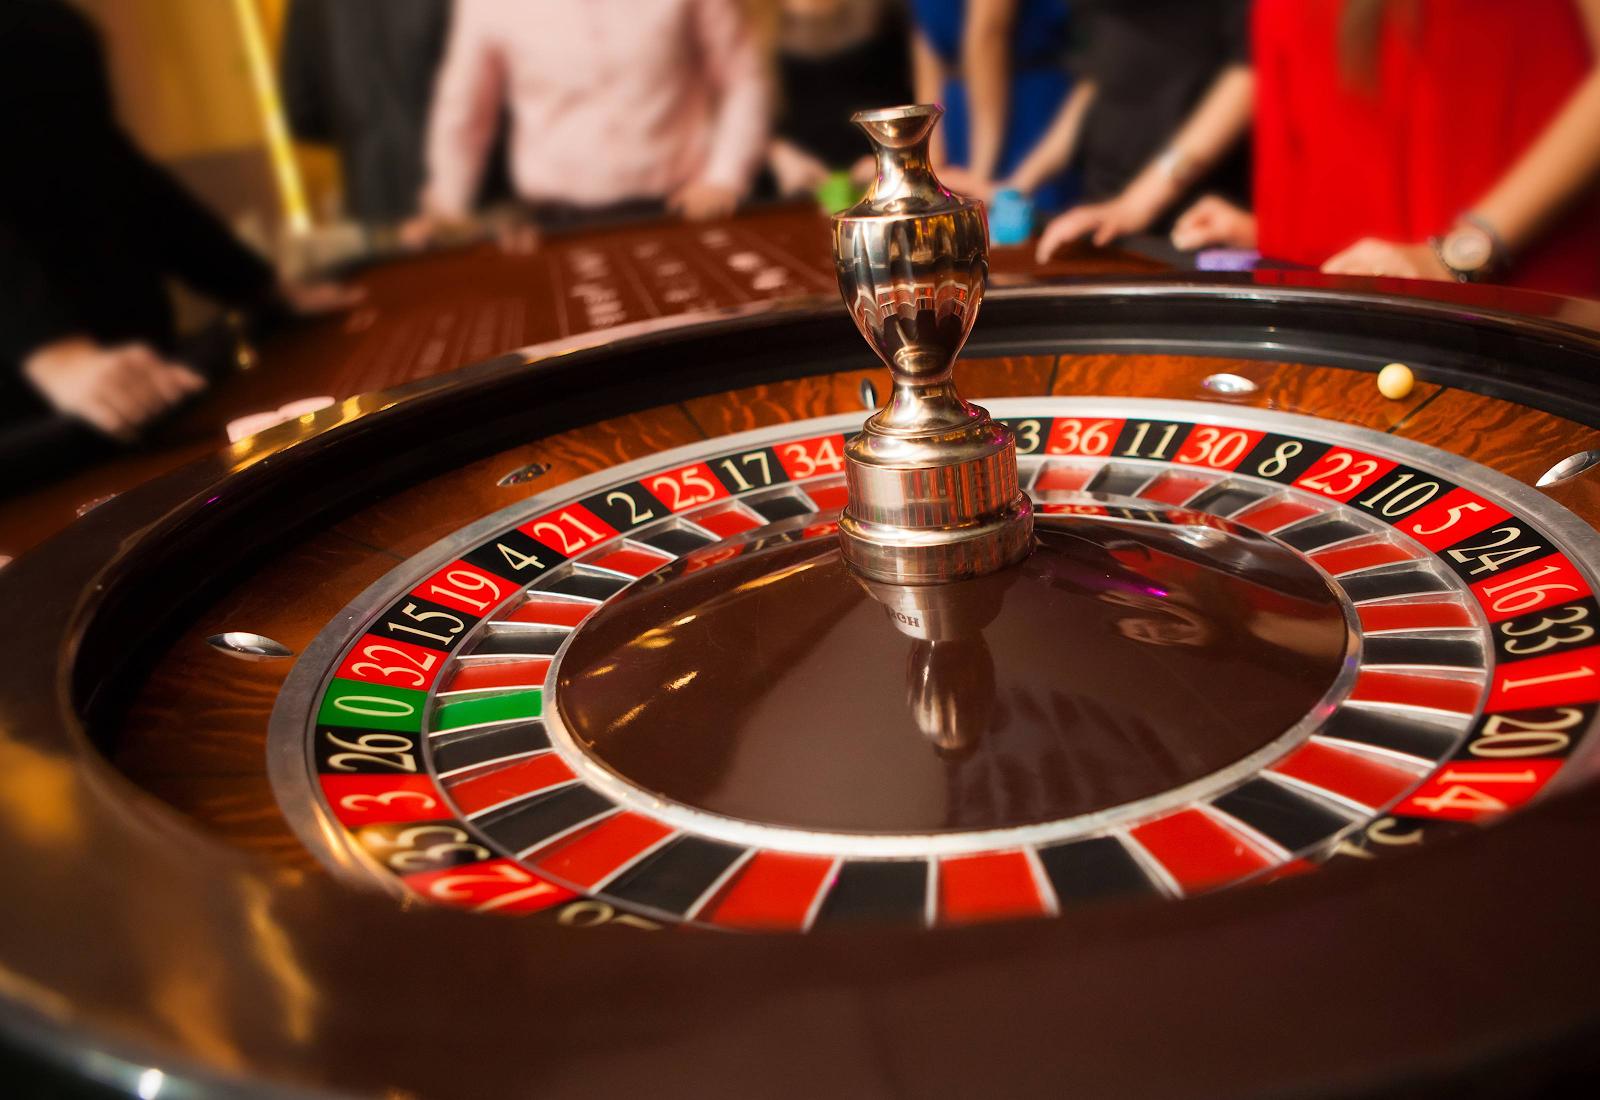 Vậy Thien ha bet - Thabet -Tha Casino có gì hấp dẫn?